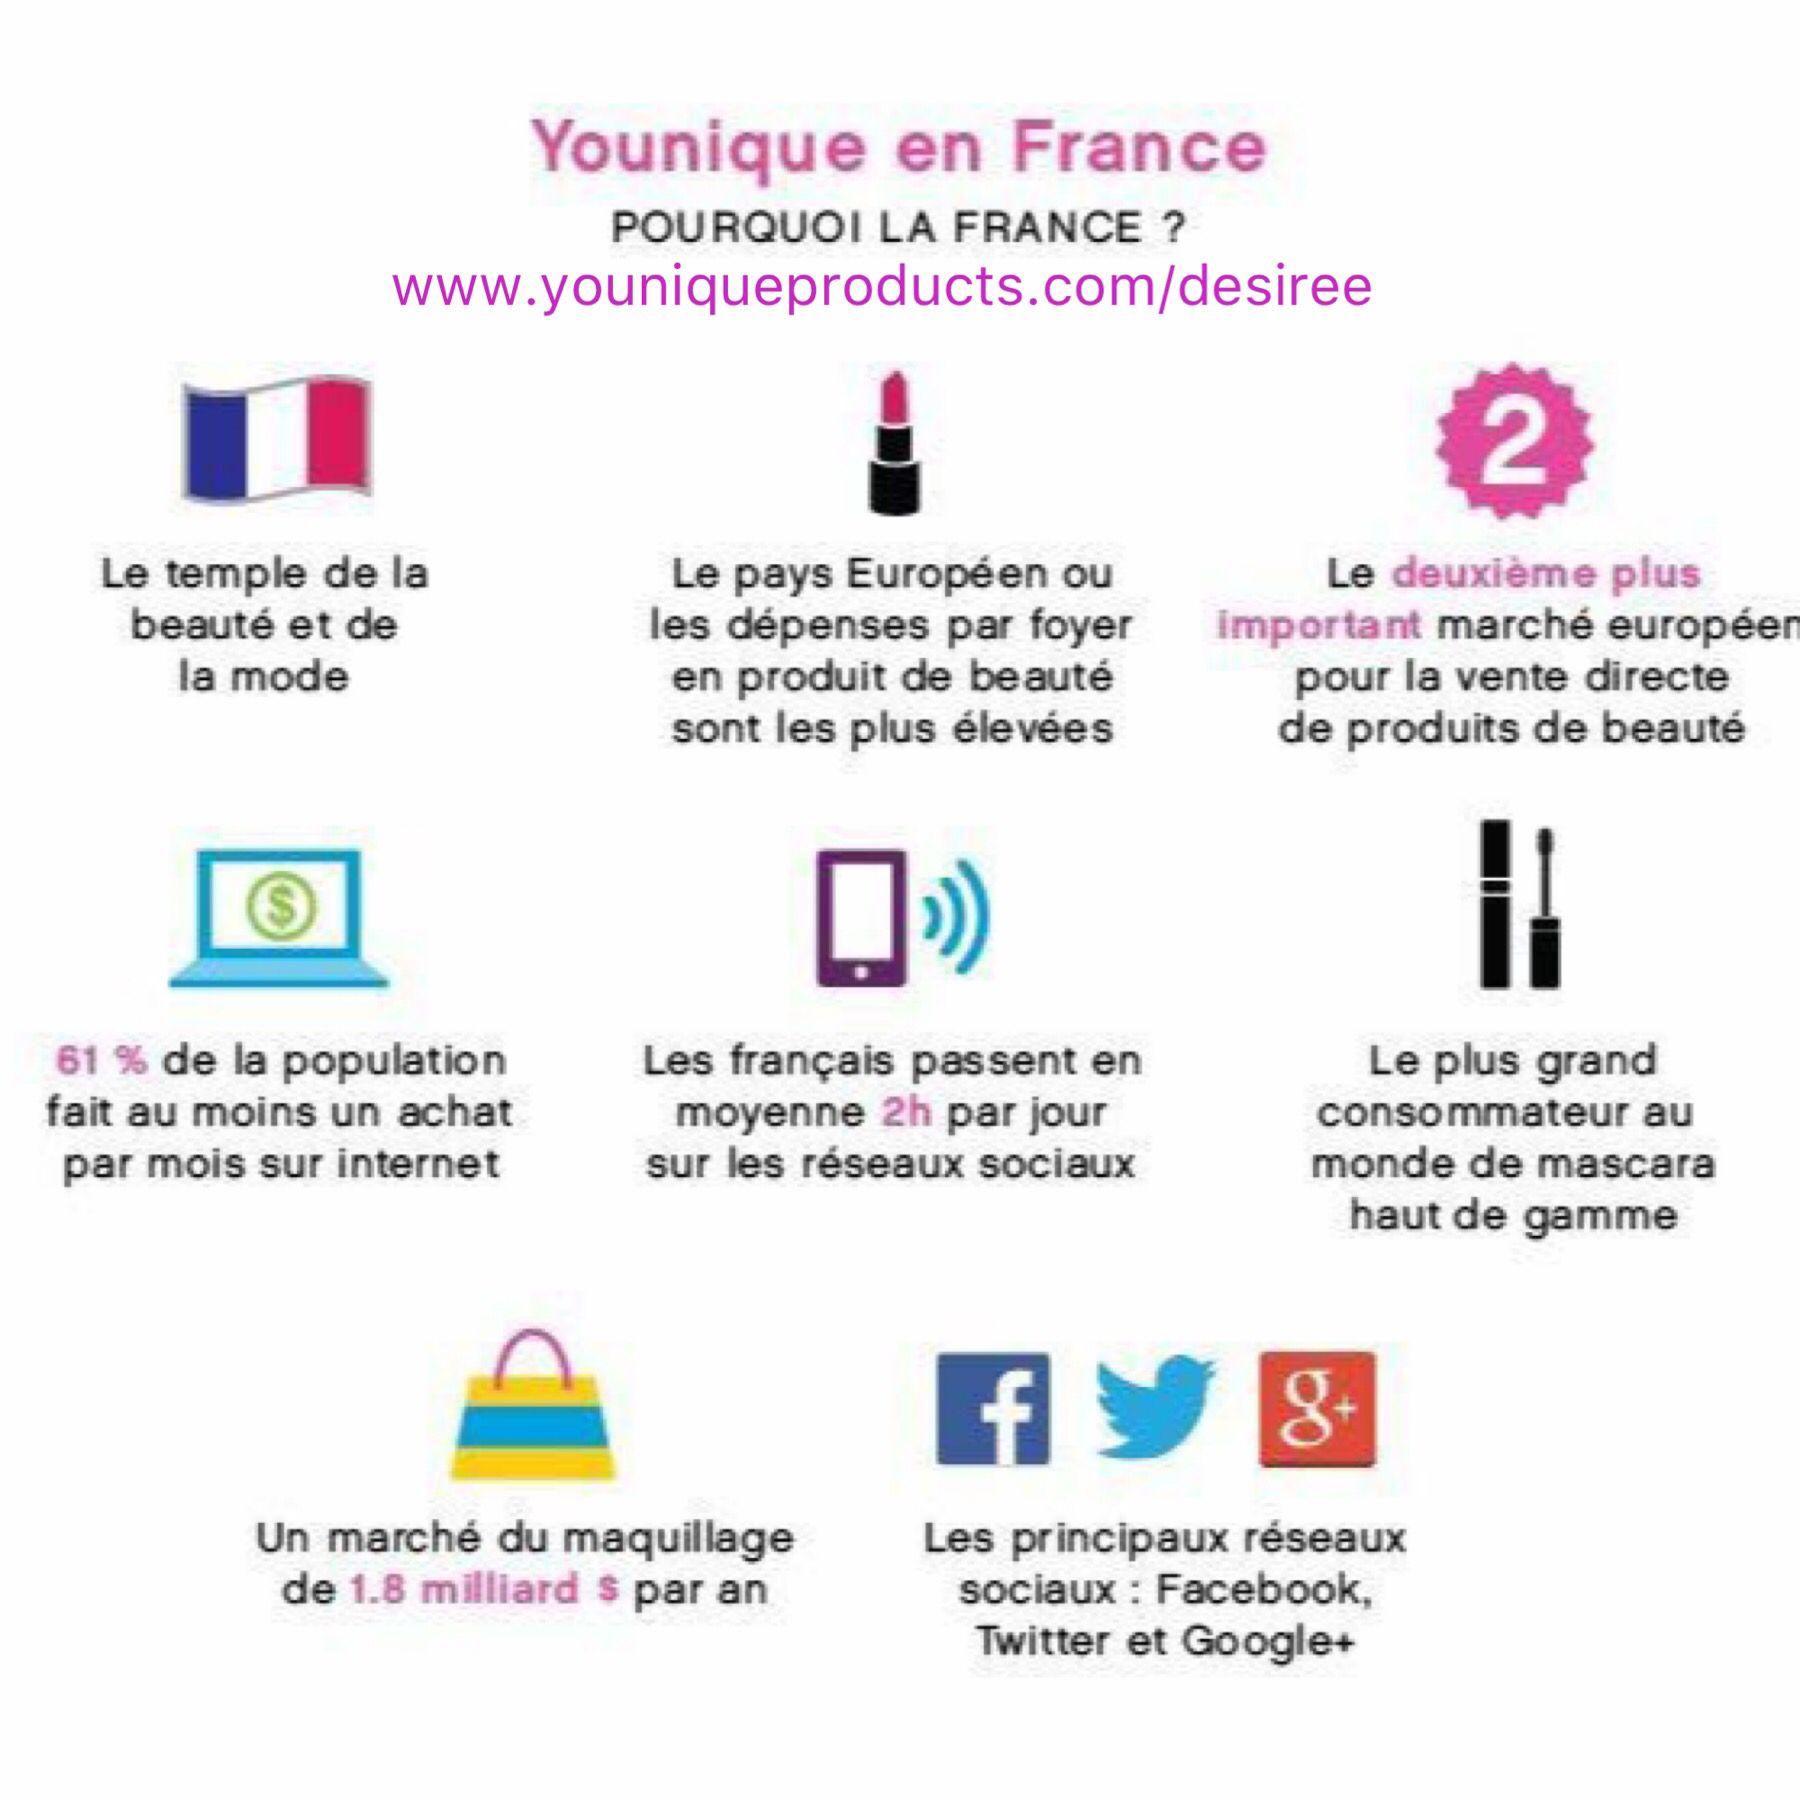 Pourquoi France? L'opportunité Younique vient à la vie ...